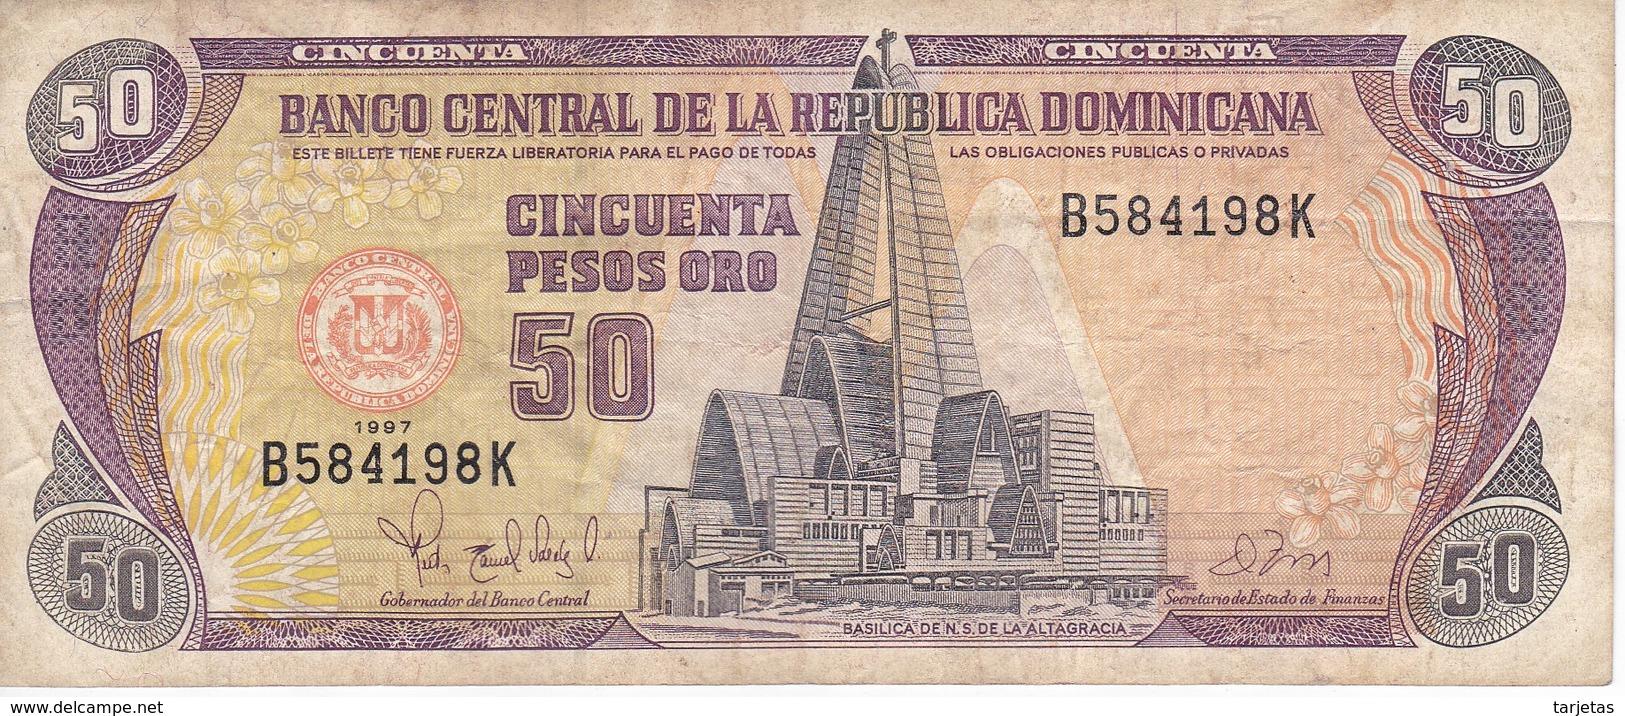 BILLETE DE REP. DOMINICANA DE 50 PESOS ORO DEL AÑO 1997 SERIE B (BANKNOTE) - República Dominicana